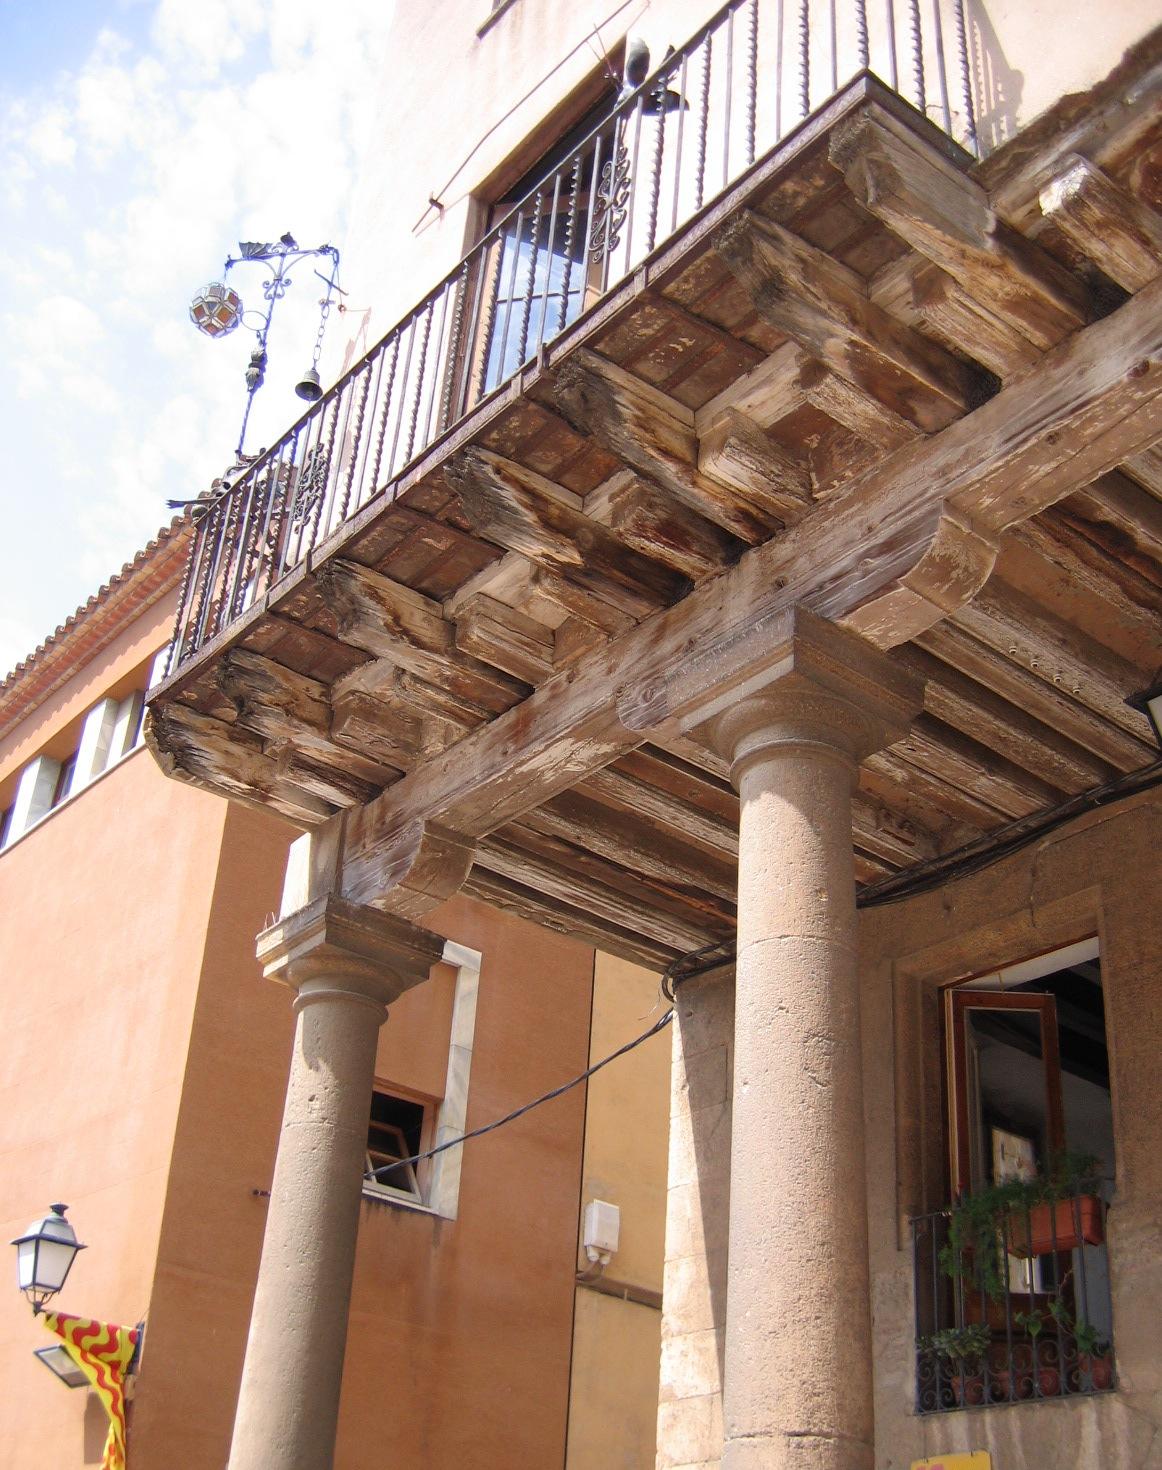 Мои первые поездки в испанию. впечатления отзыв на awaytrave.